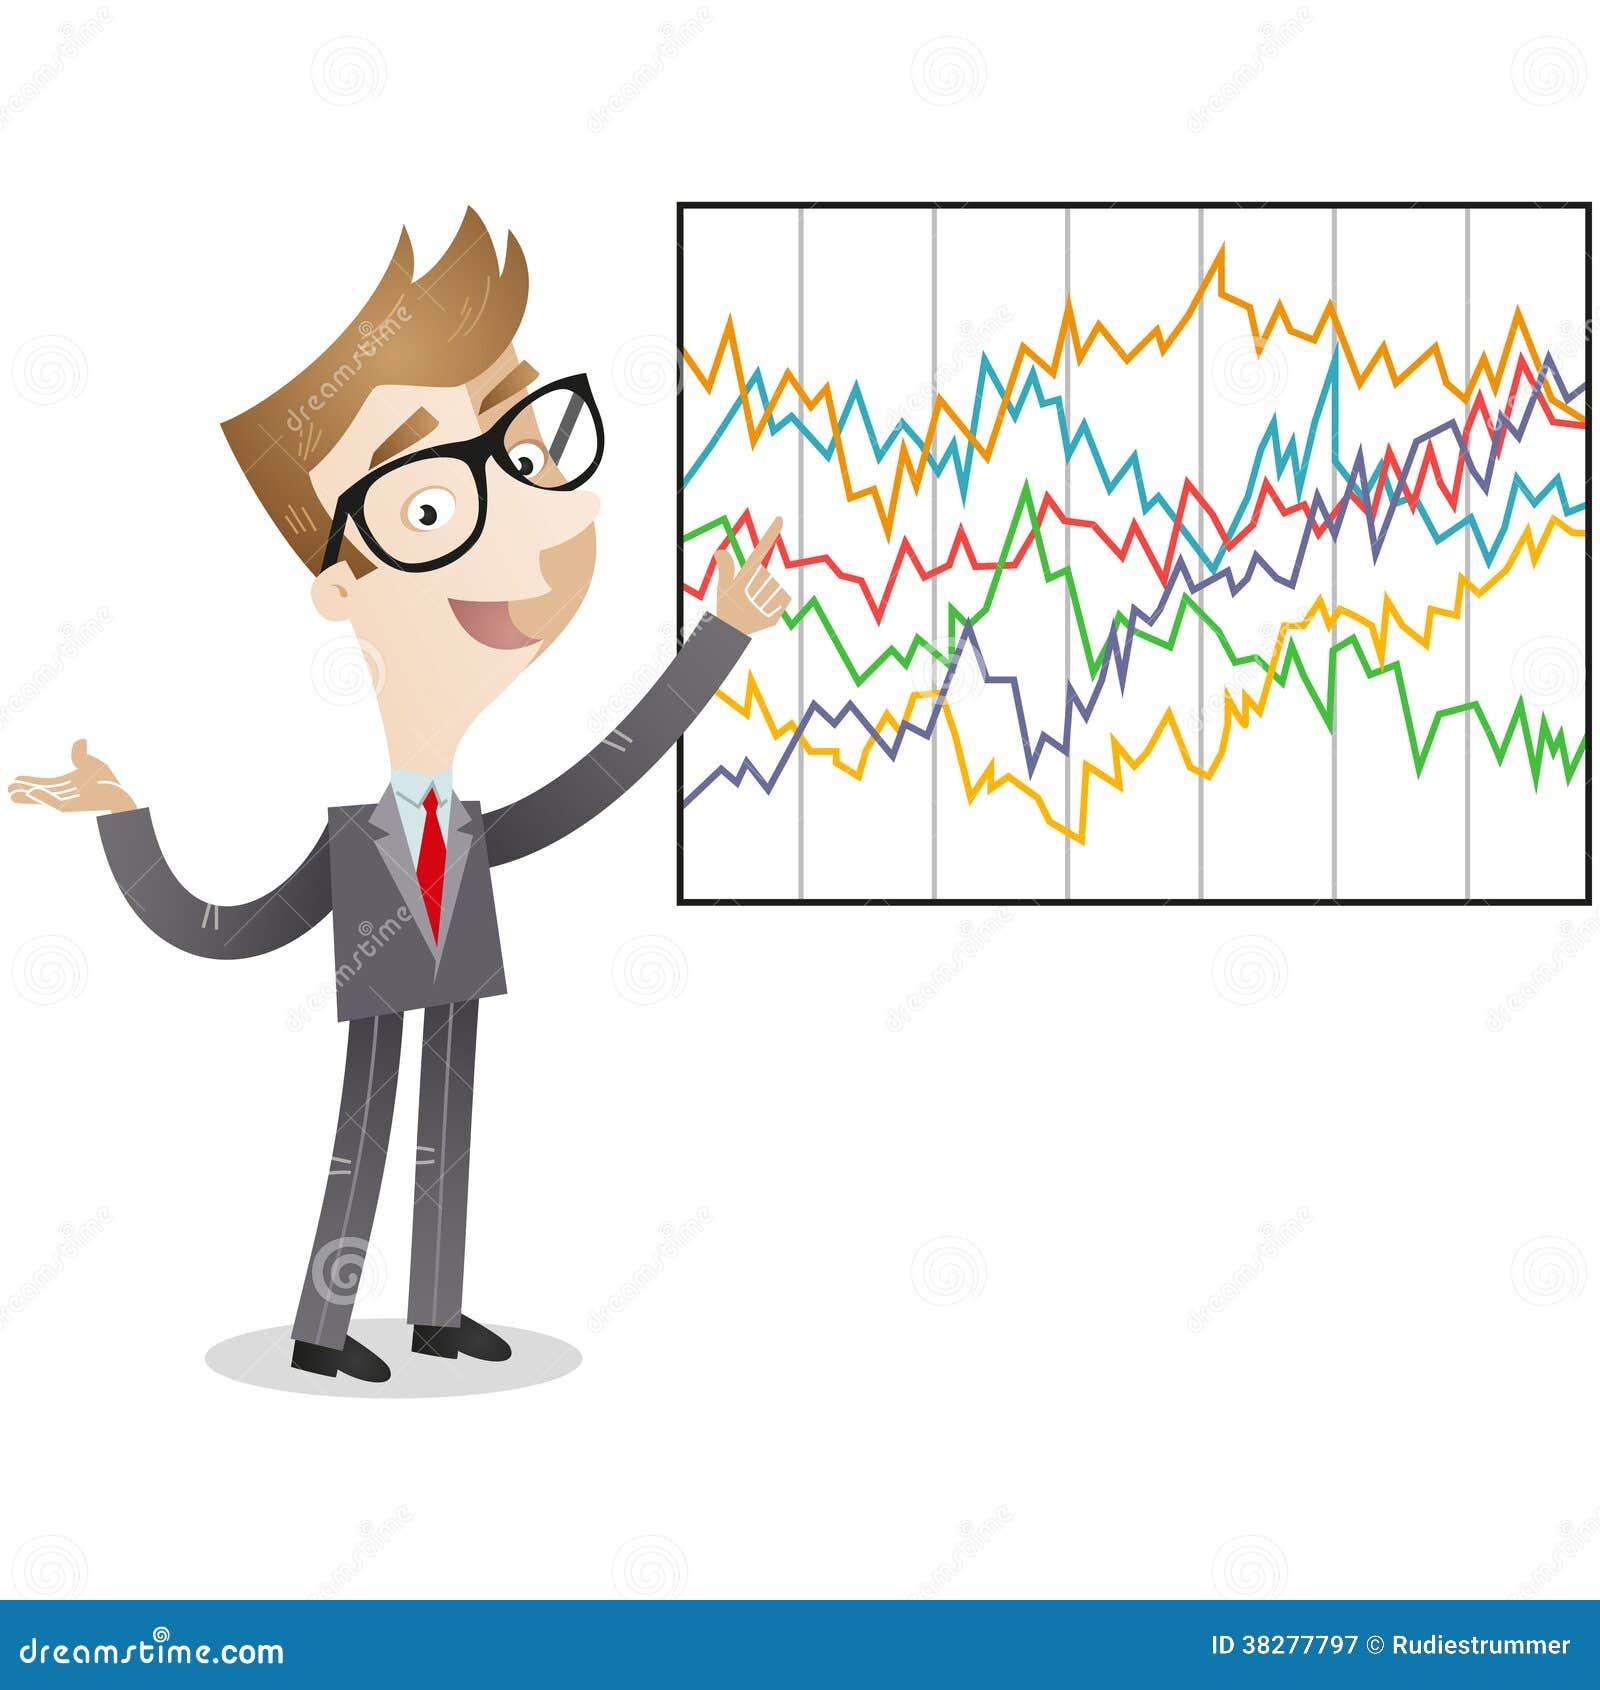 Objektorientierte Anwendungsentwicklung mit der postrelationalen Datenbank